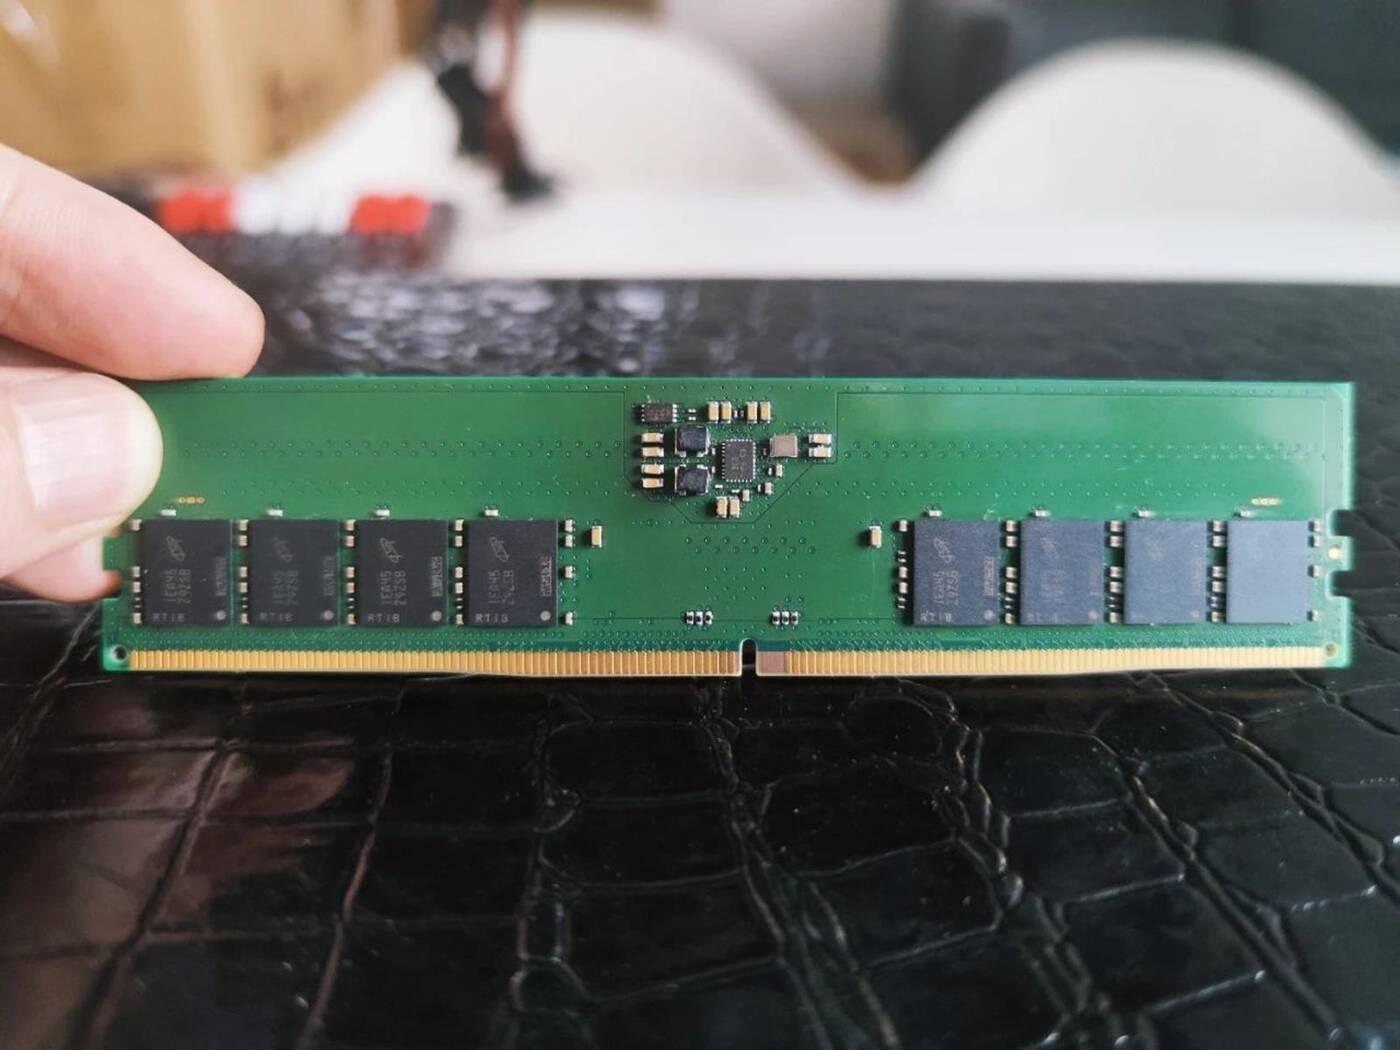 Ujawniono informacje o modułach DDR5, podczas gdy padł rekord DDR4